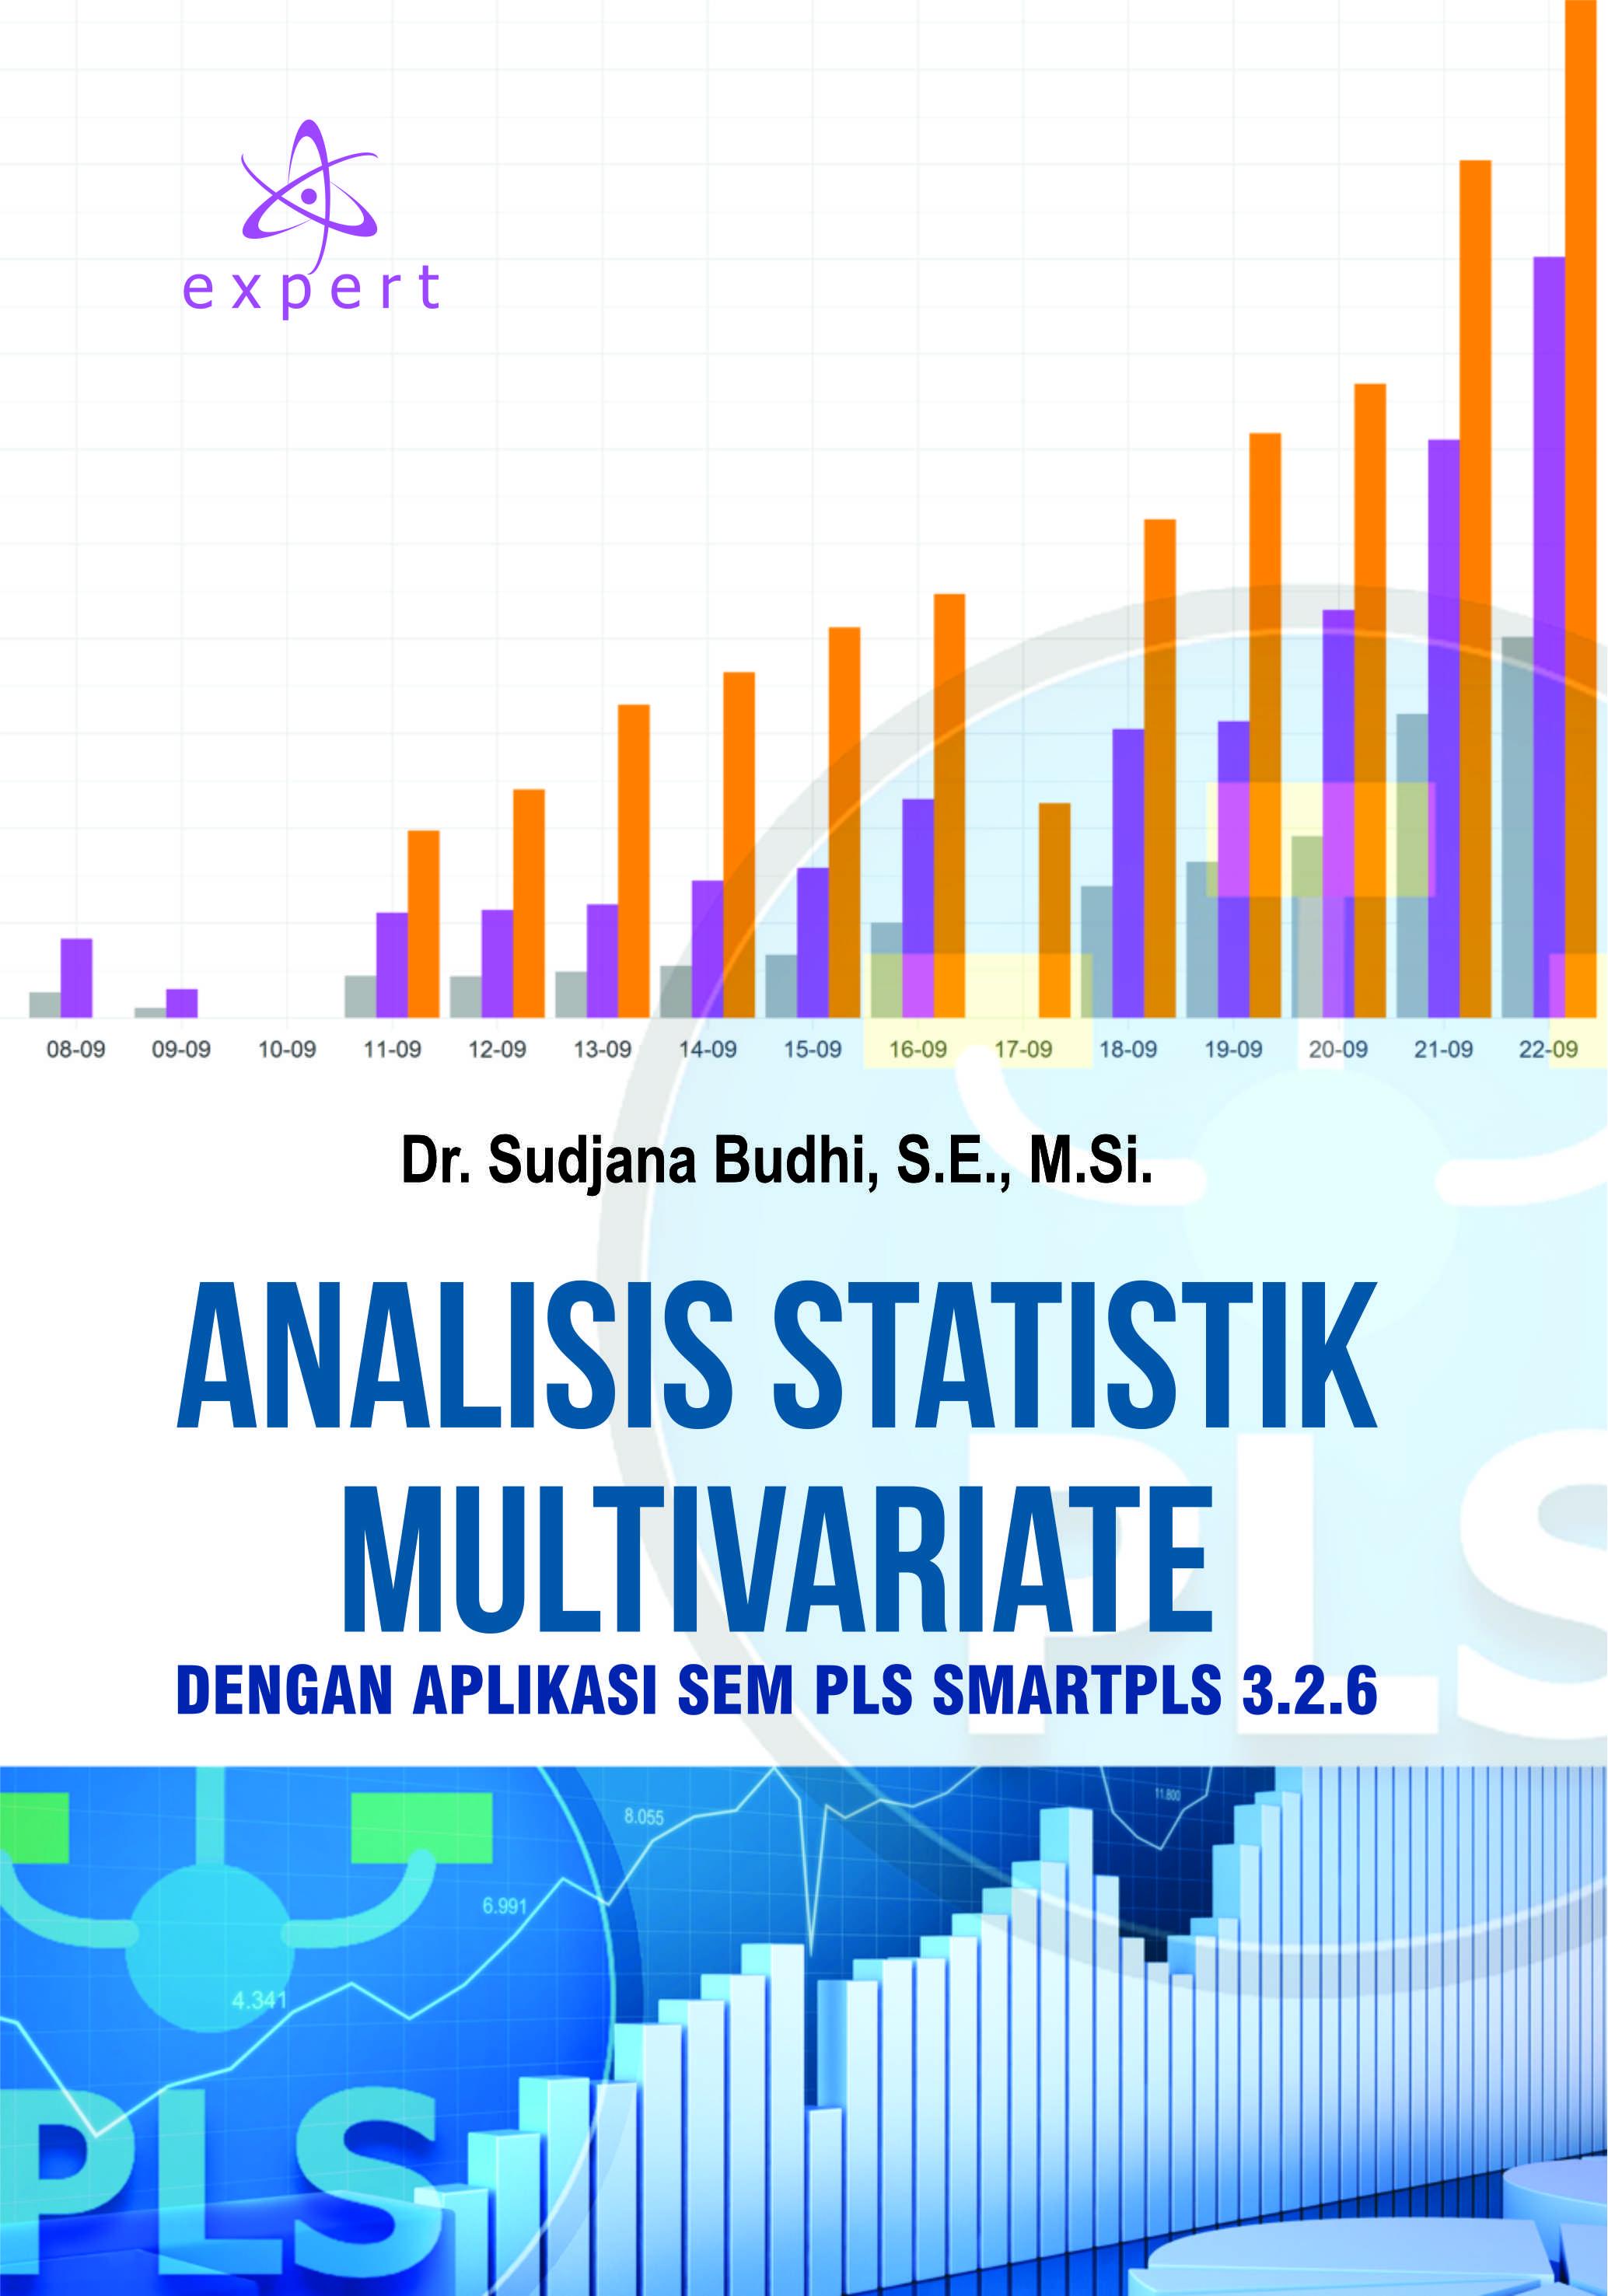 Analisis statistik multivariate : dengan aplikasi SEM PLS          SMARTPLS 3.2.6